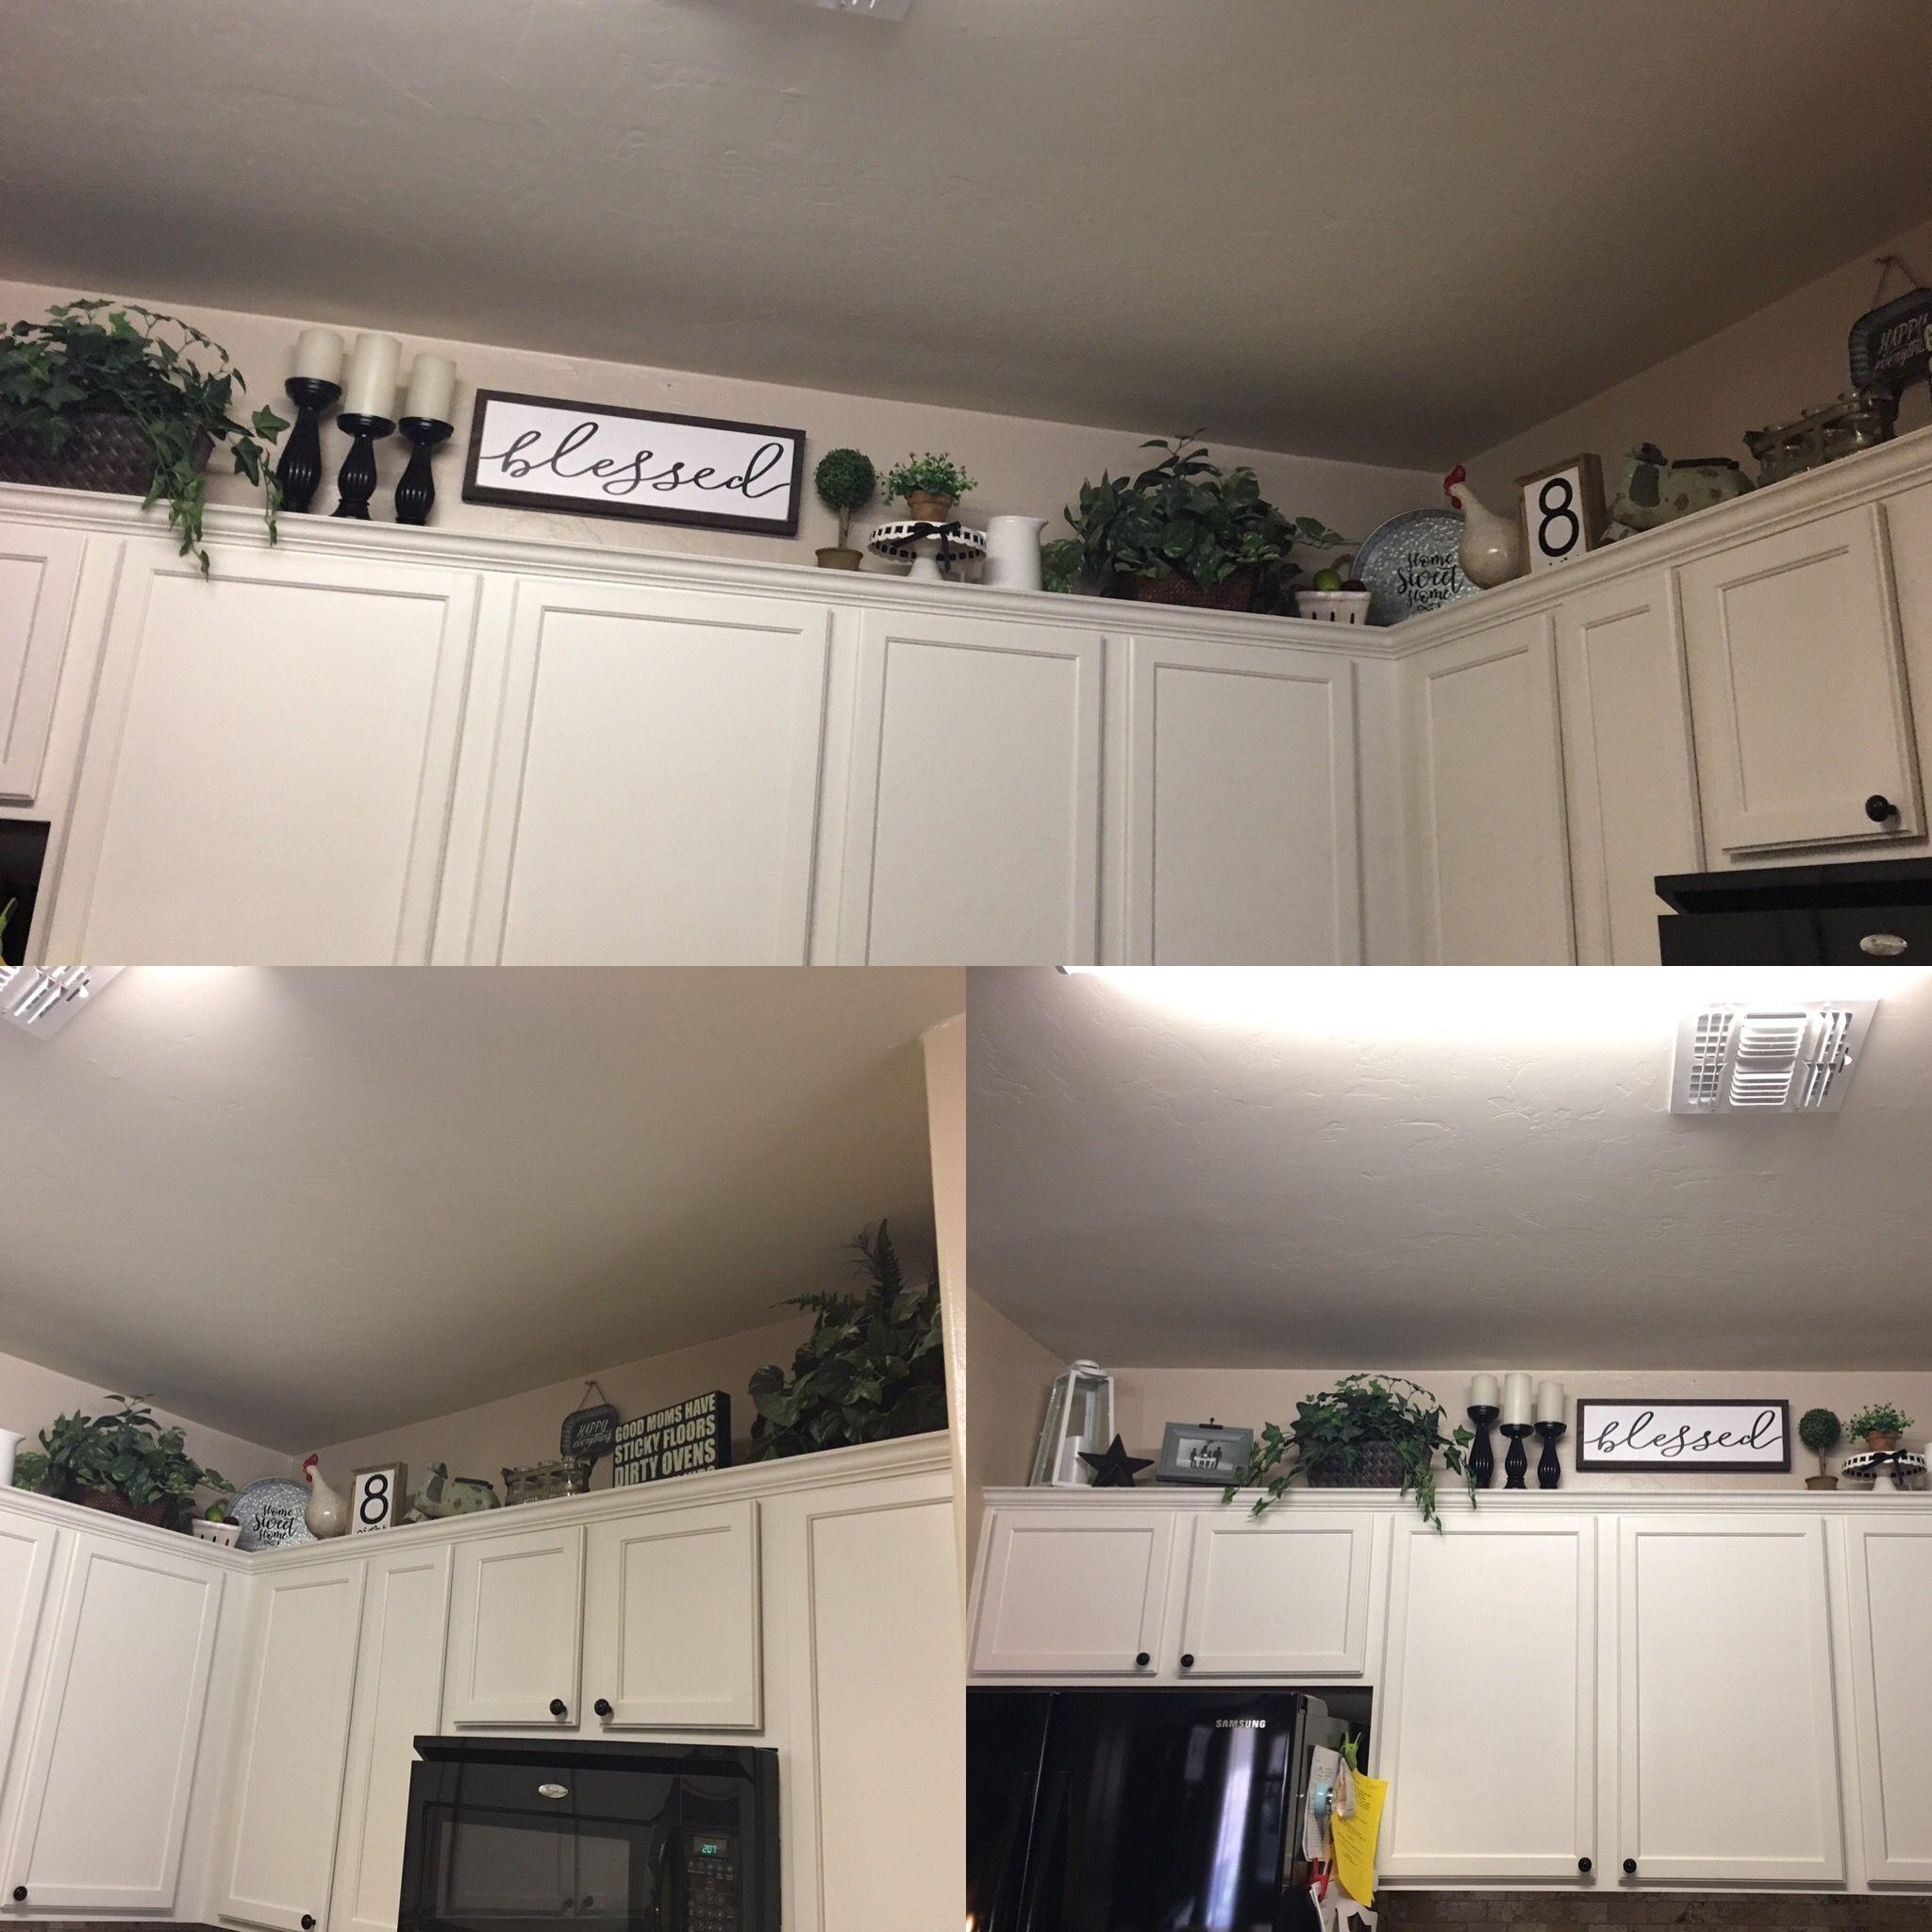 Kitchen Soffit Decor Ideas: Above The Kitchen Cabinets #WallDecorIdeasMinimalist